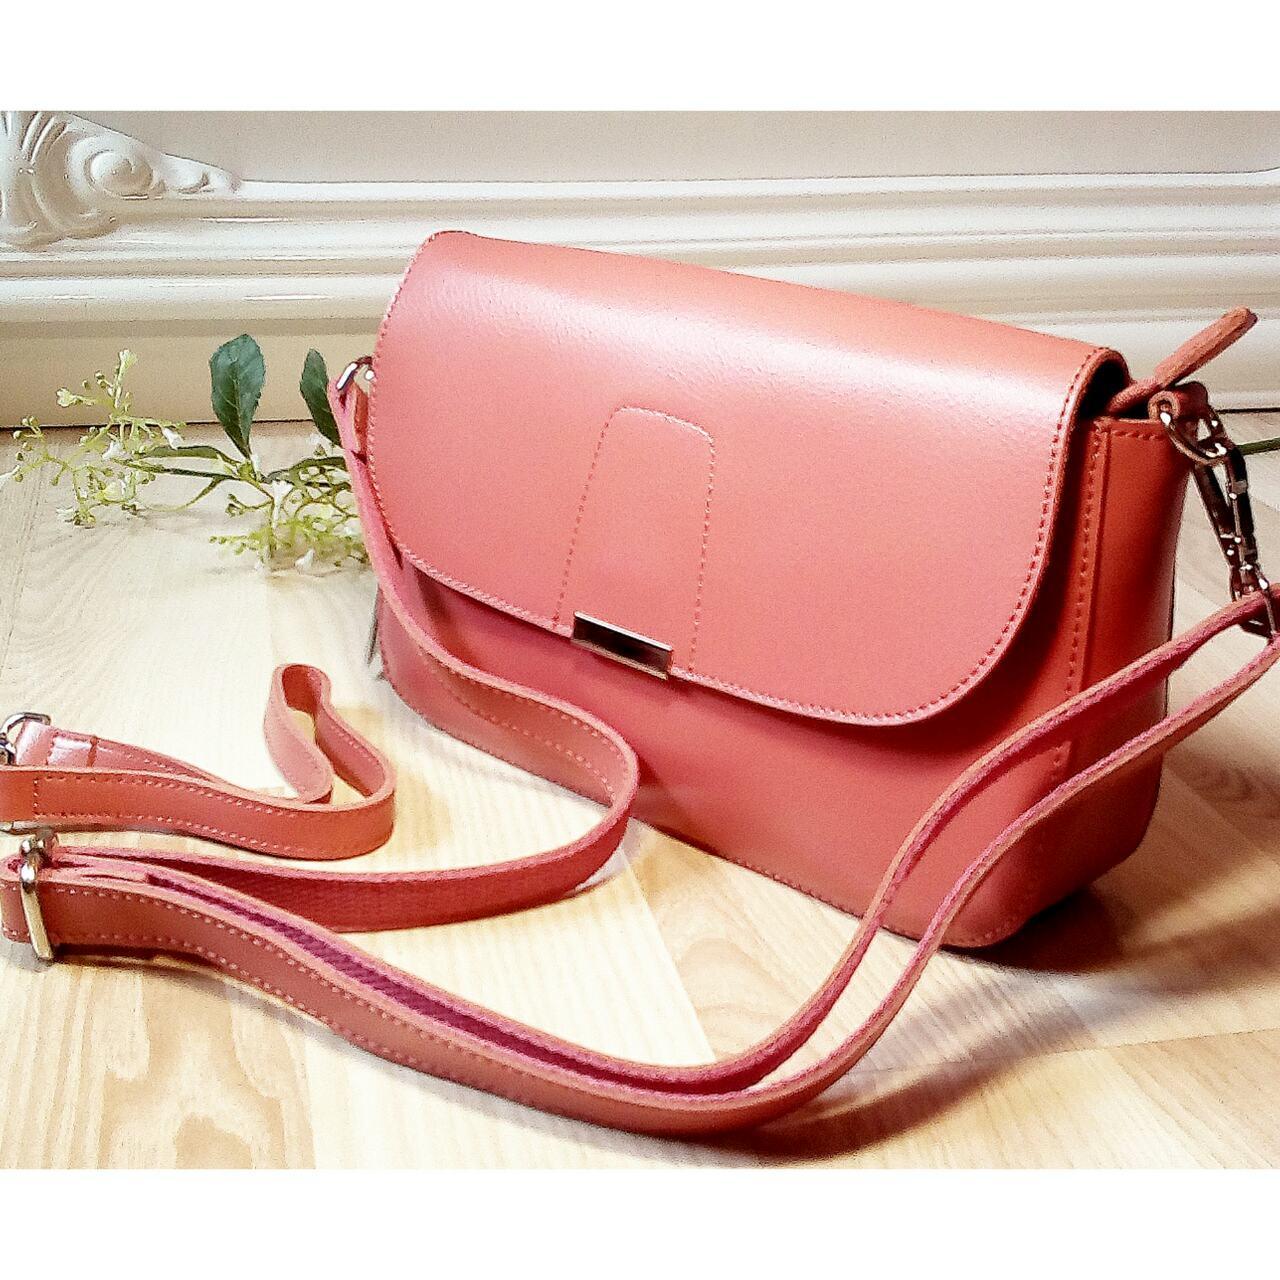 6a22d3599550 Женская сумка-клатч кожаная Galanty, цена 850 грн., купить в Кропивницком —  Prom.ua (ID#880273628)